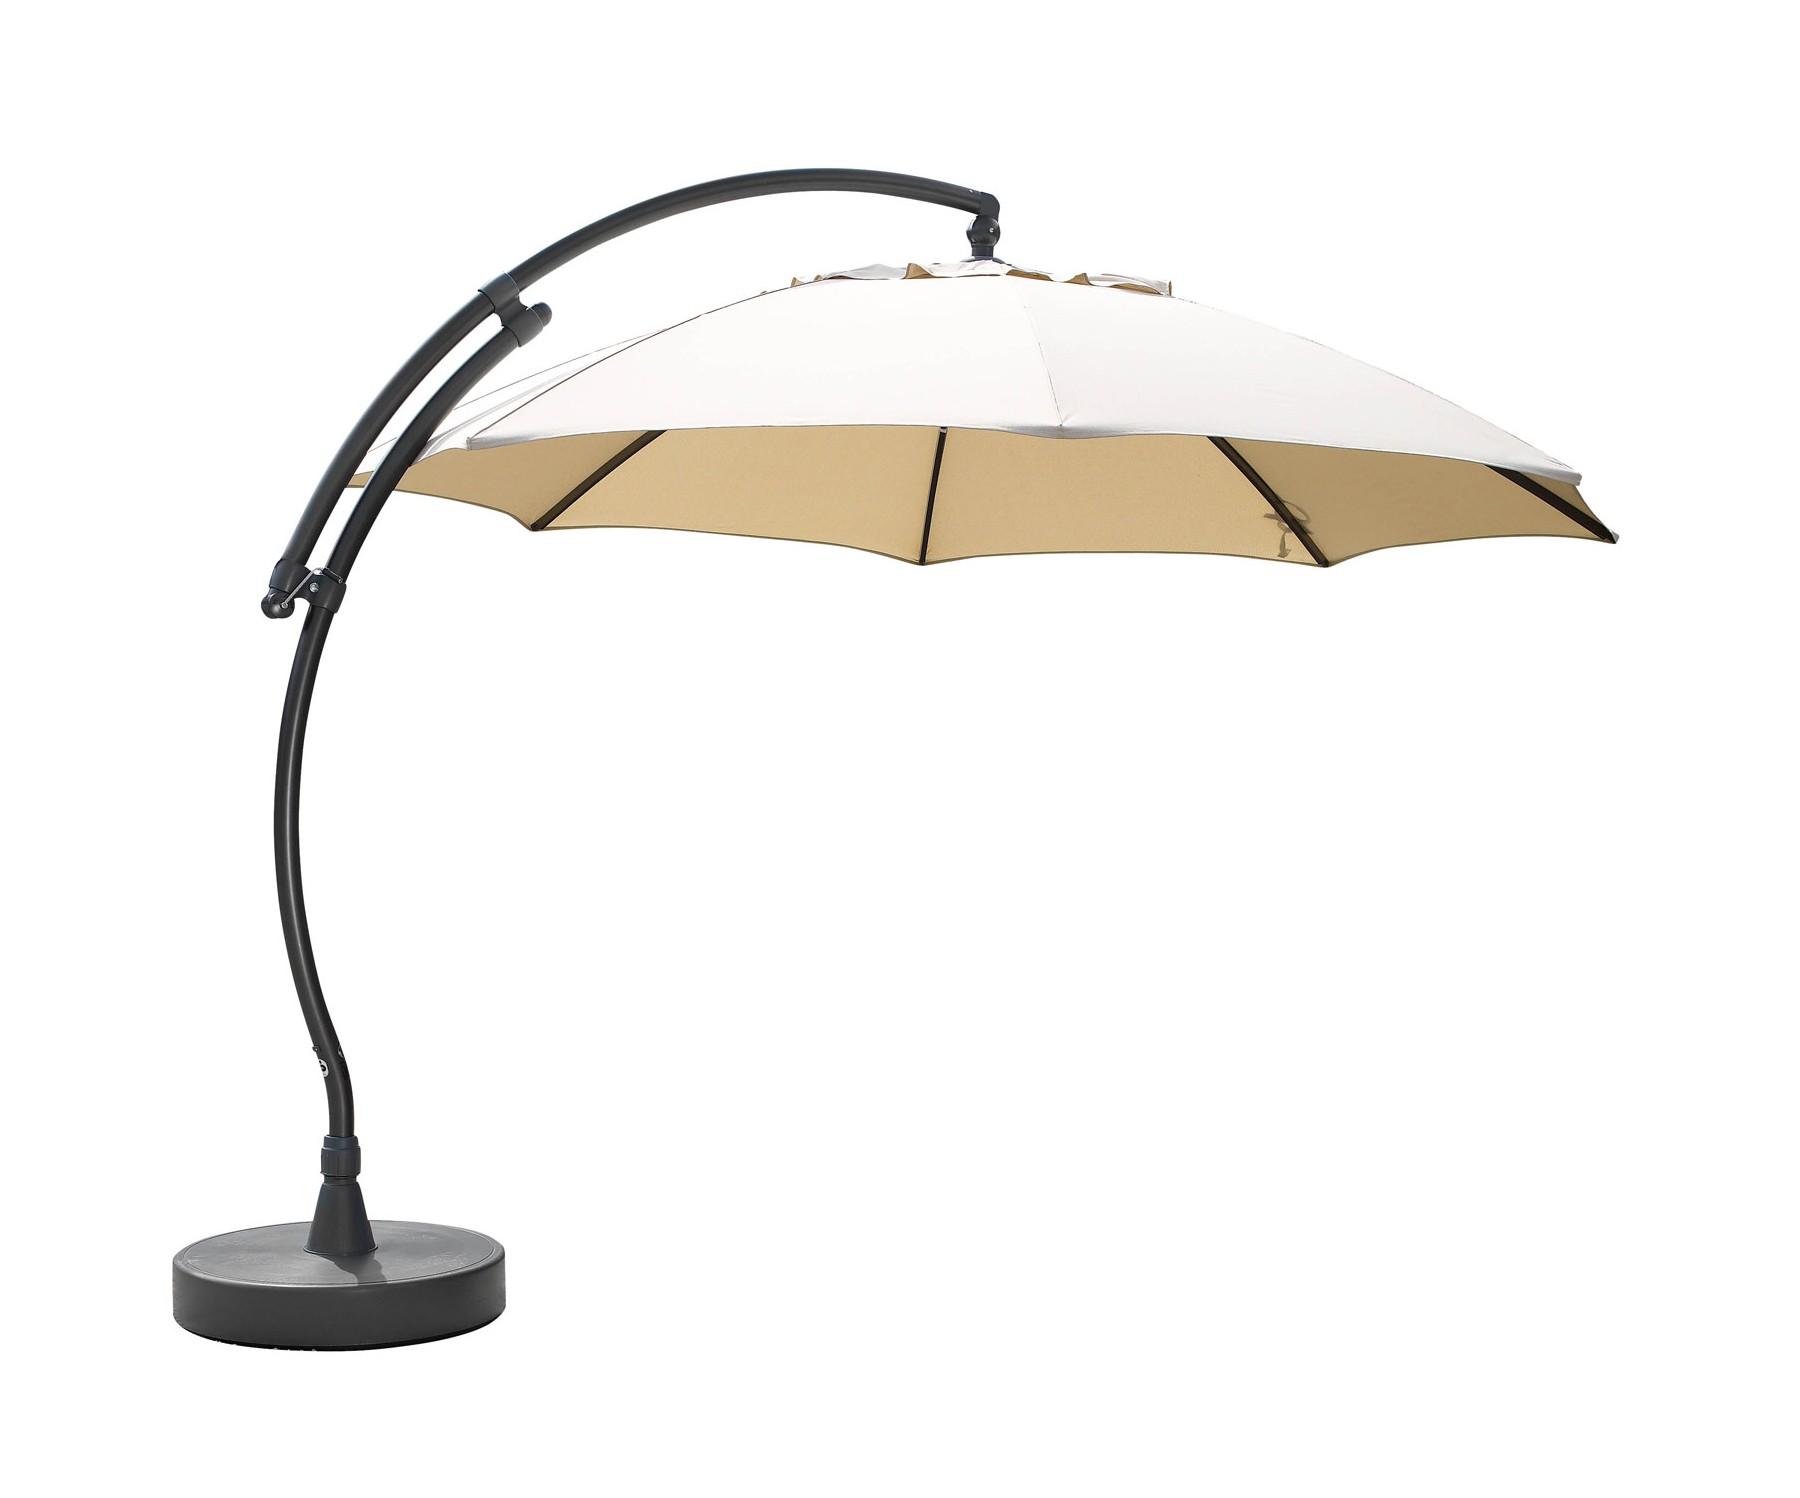 Зонт Easy SunТенты и зонты<br>Зонт Easy Sun с боковой ножкой. Купол зонта выполнен из олефина бежевого, коричневого или цвета антрацит, имеет вентиляционное отверстие. Каркас зонта изготовлен из алюминия серебристого или серого цвета.&amp;amp;nbsp;&amp;lt;div&amp;gt;&amp;lt;br&amp;gt;&amp;lt;/div&amp;gt;&amp;lt;div&amp;gt;Подставка приобретается отдельно.  Не требуется сборка.&amp;lt;/div&amp;gt;<br><br>Material: Алюминий<br>Высота см: 250